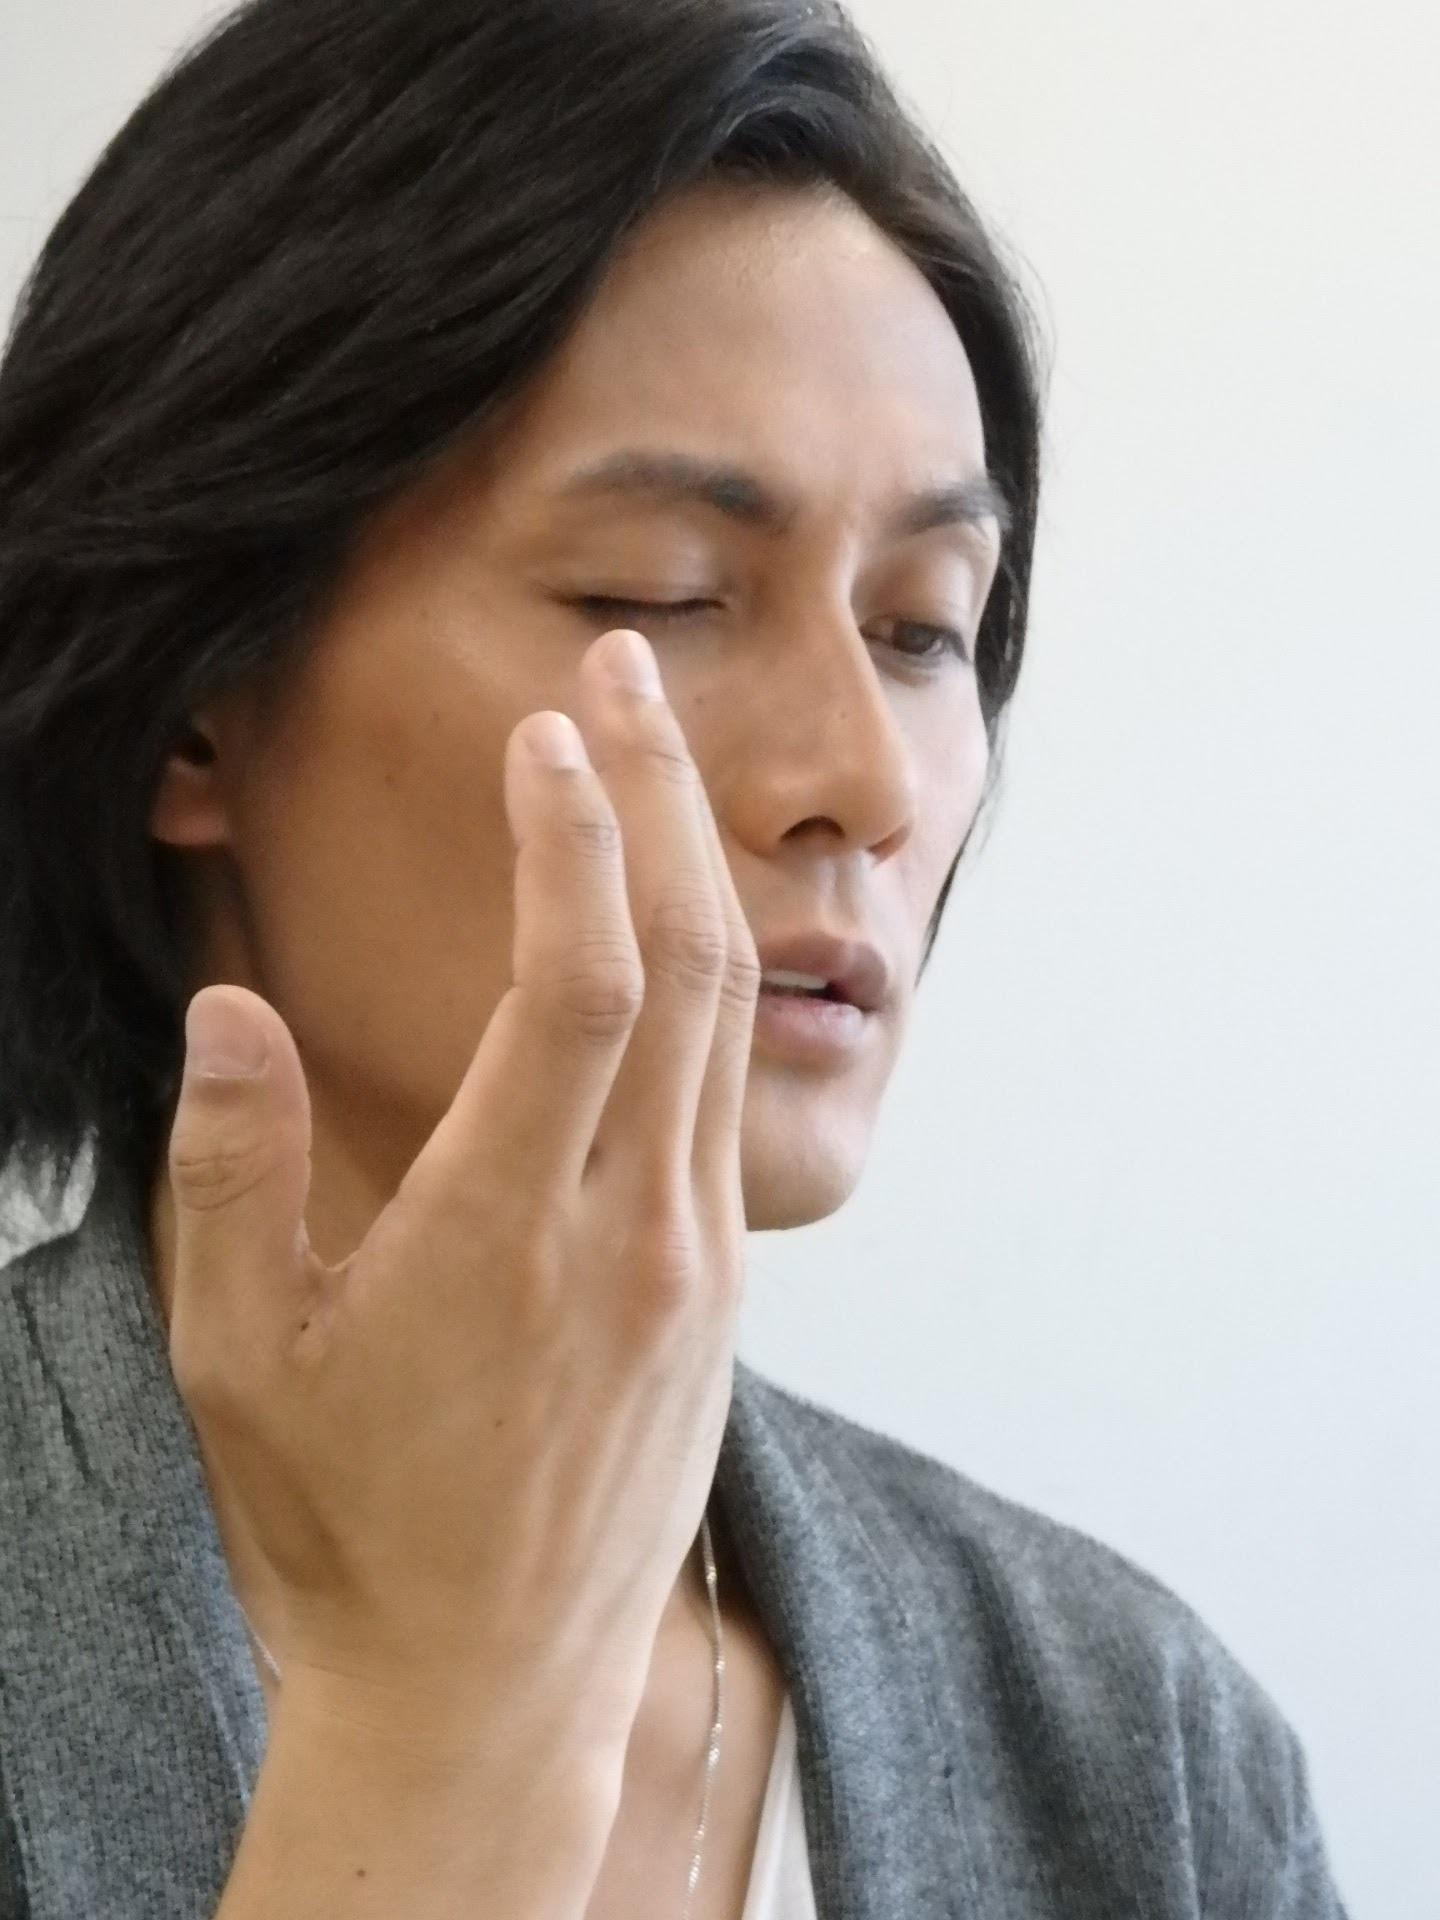 『真田十勇士』に出演の加藤和樹